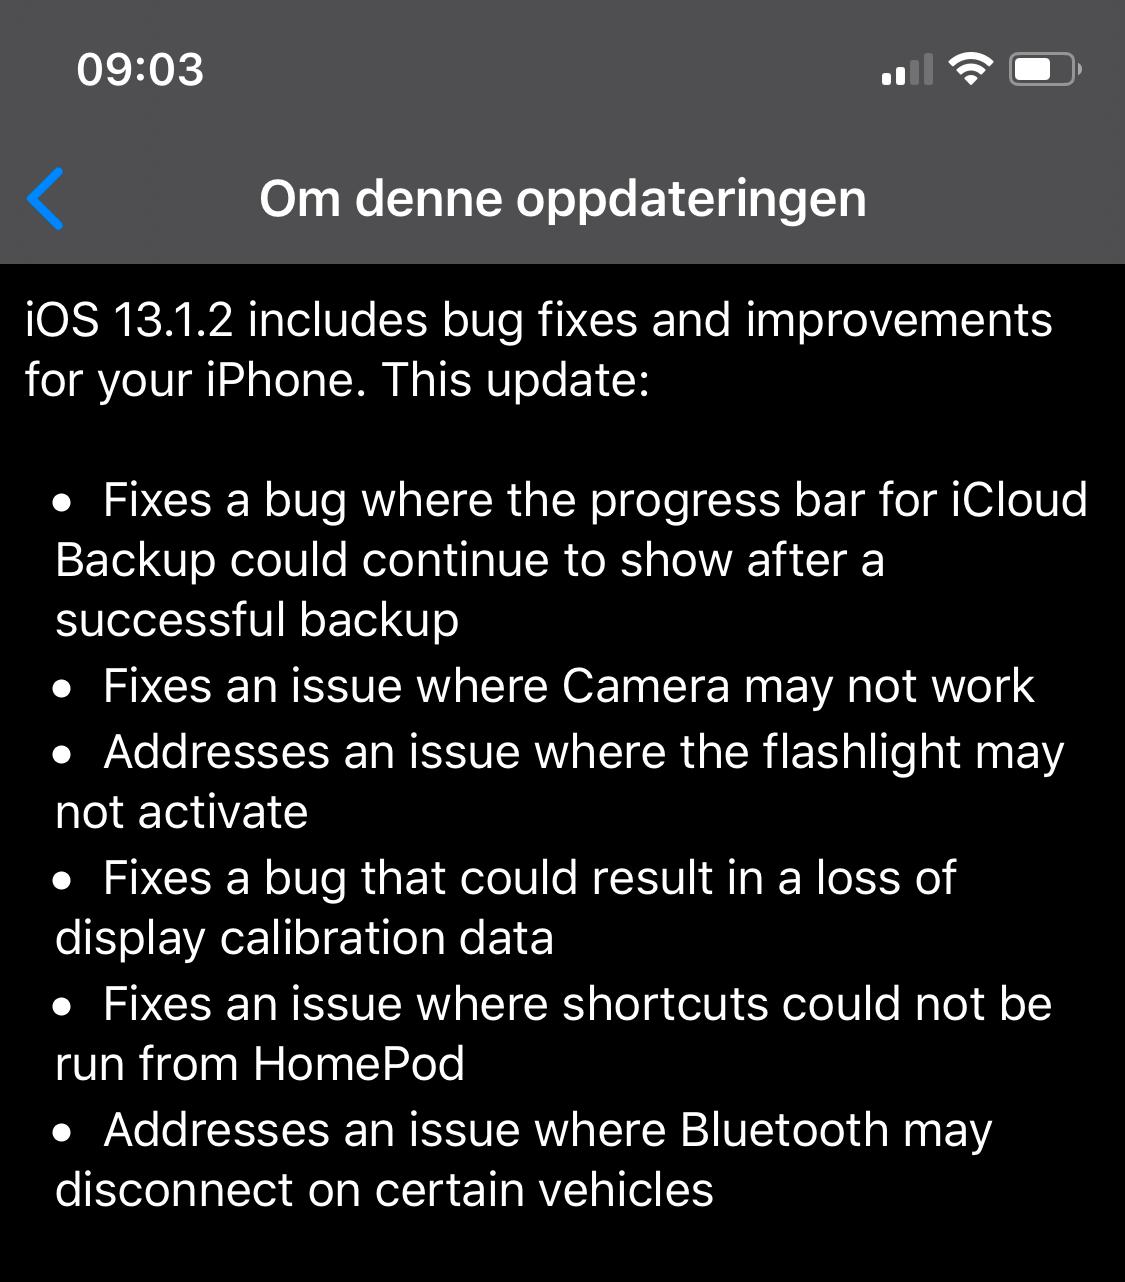 Disse feilene tas hånd om i 13.1.2-oppdateringen til iOS.